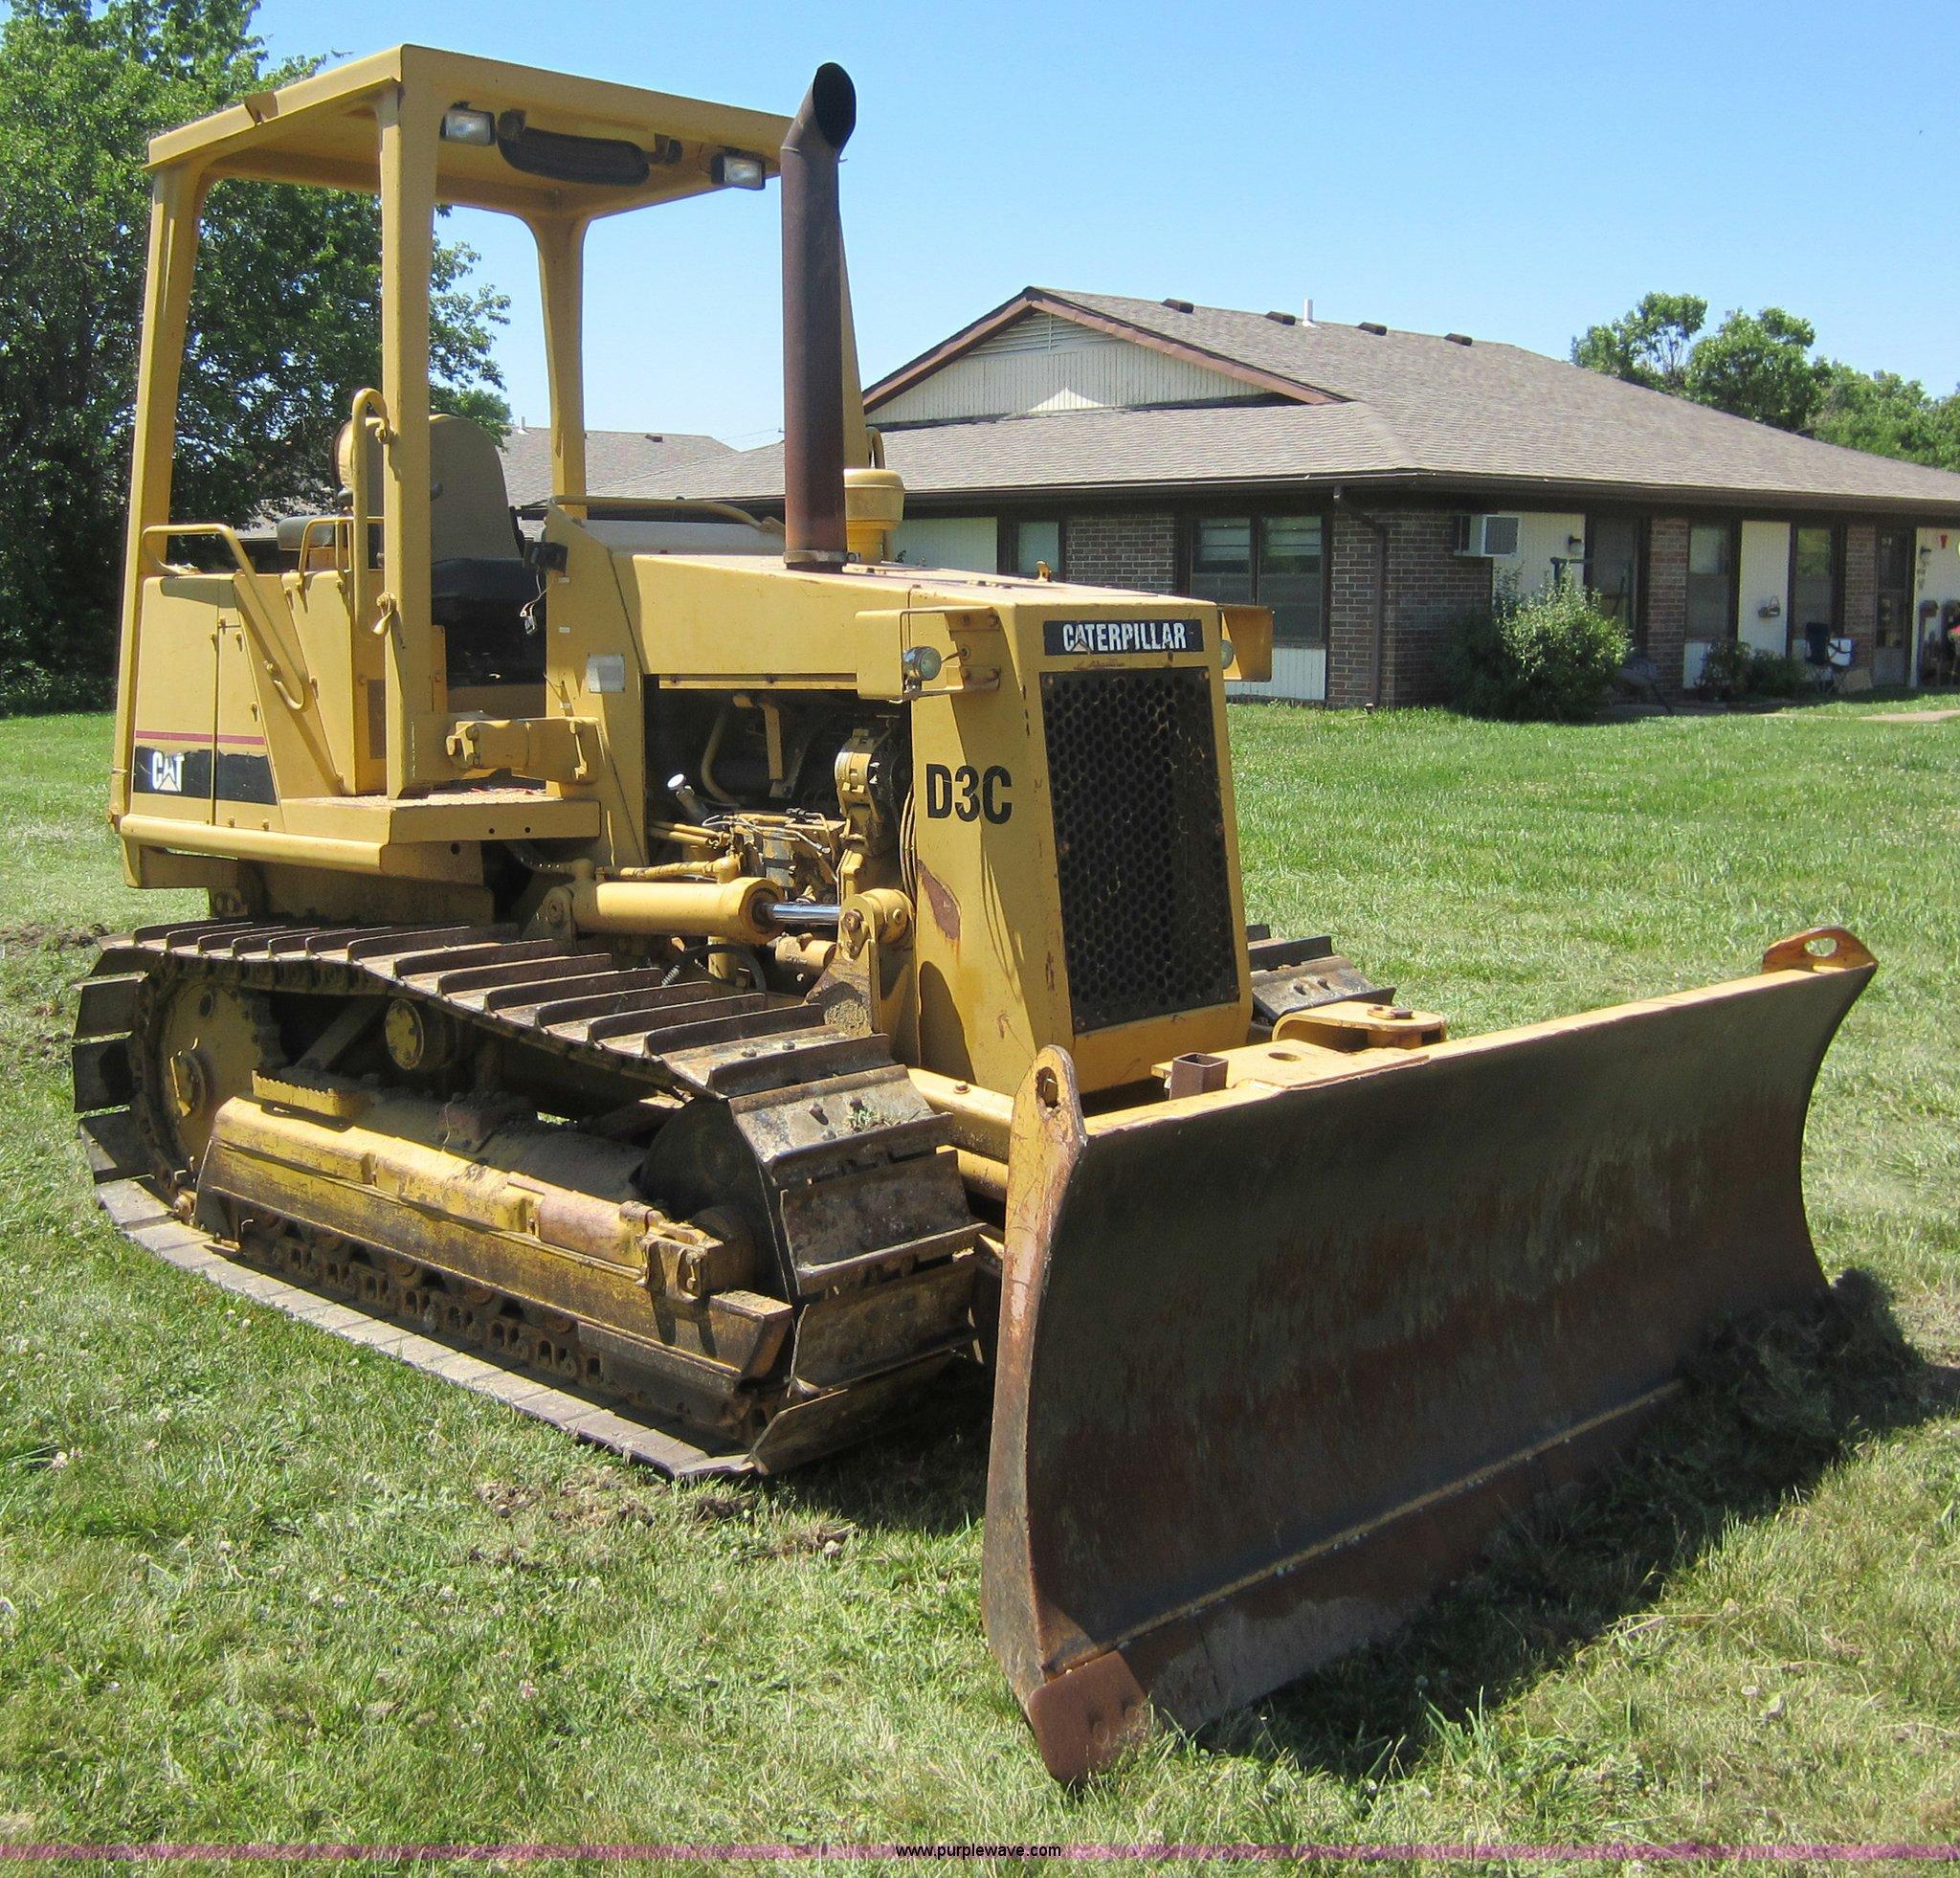 1989 Caterpillar D3C dozer | Item D5541 | SOLD! June 14 Cons